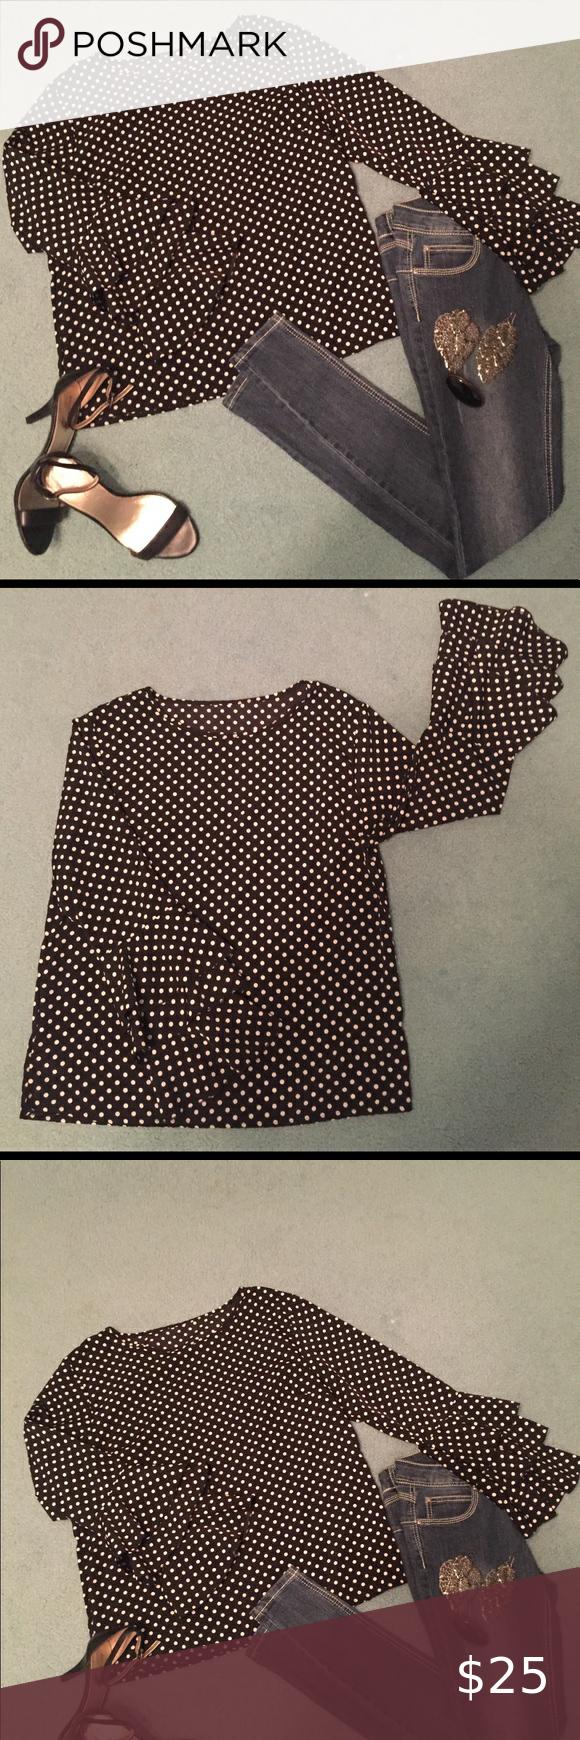 Polka Dots and Ruffled Sleeved Blouse